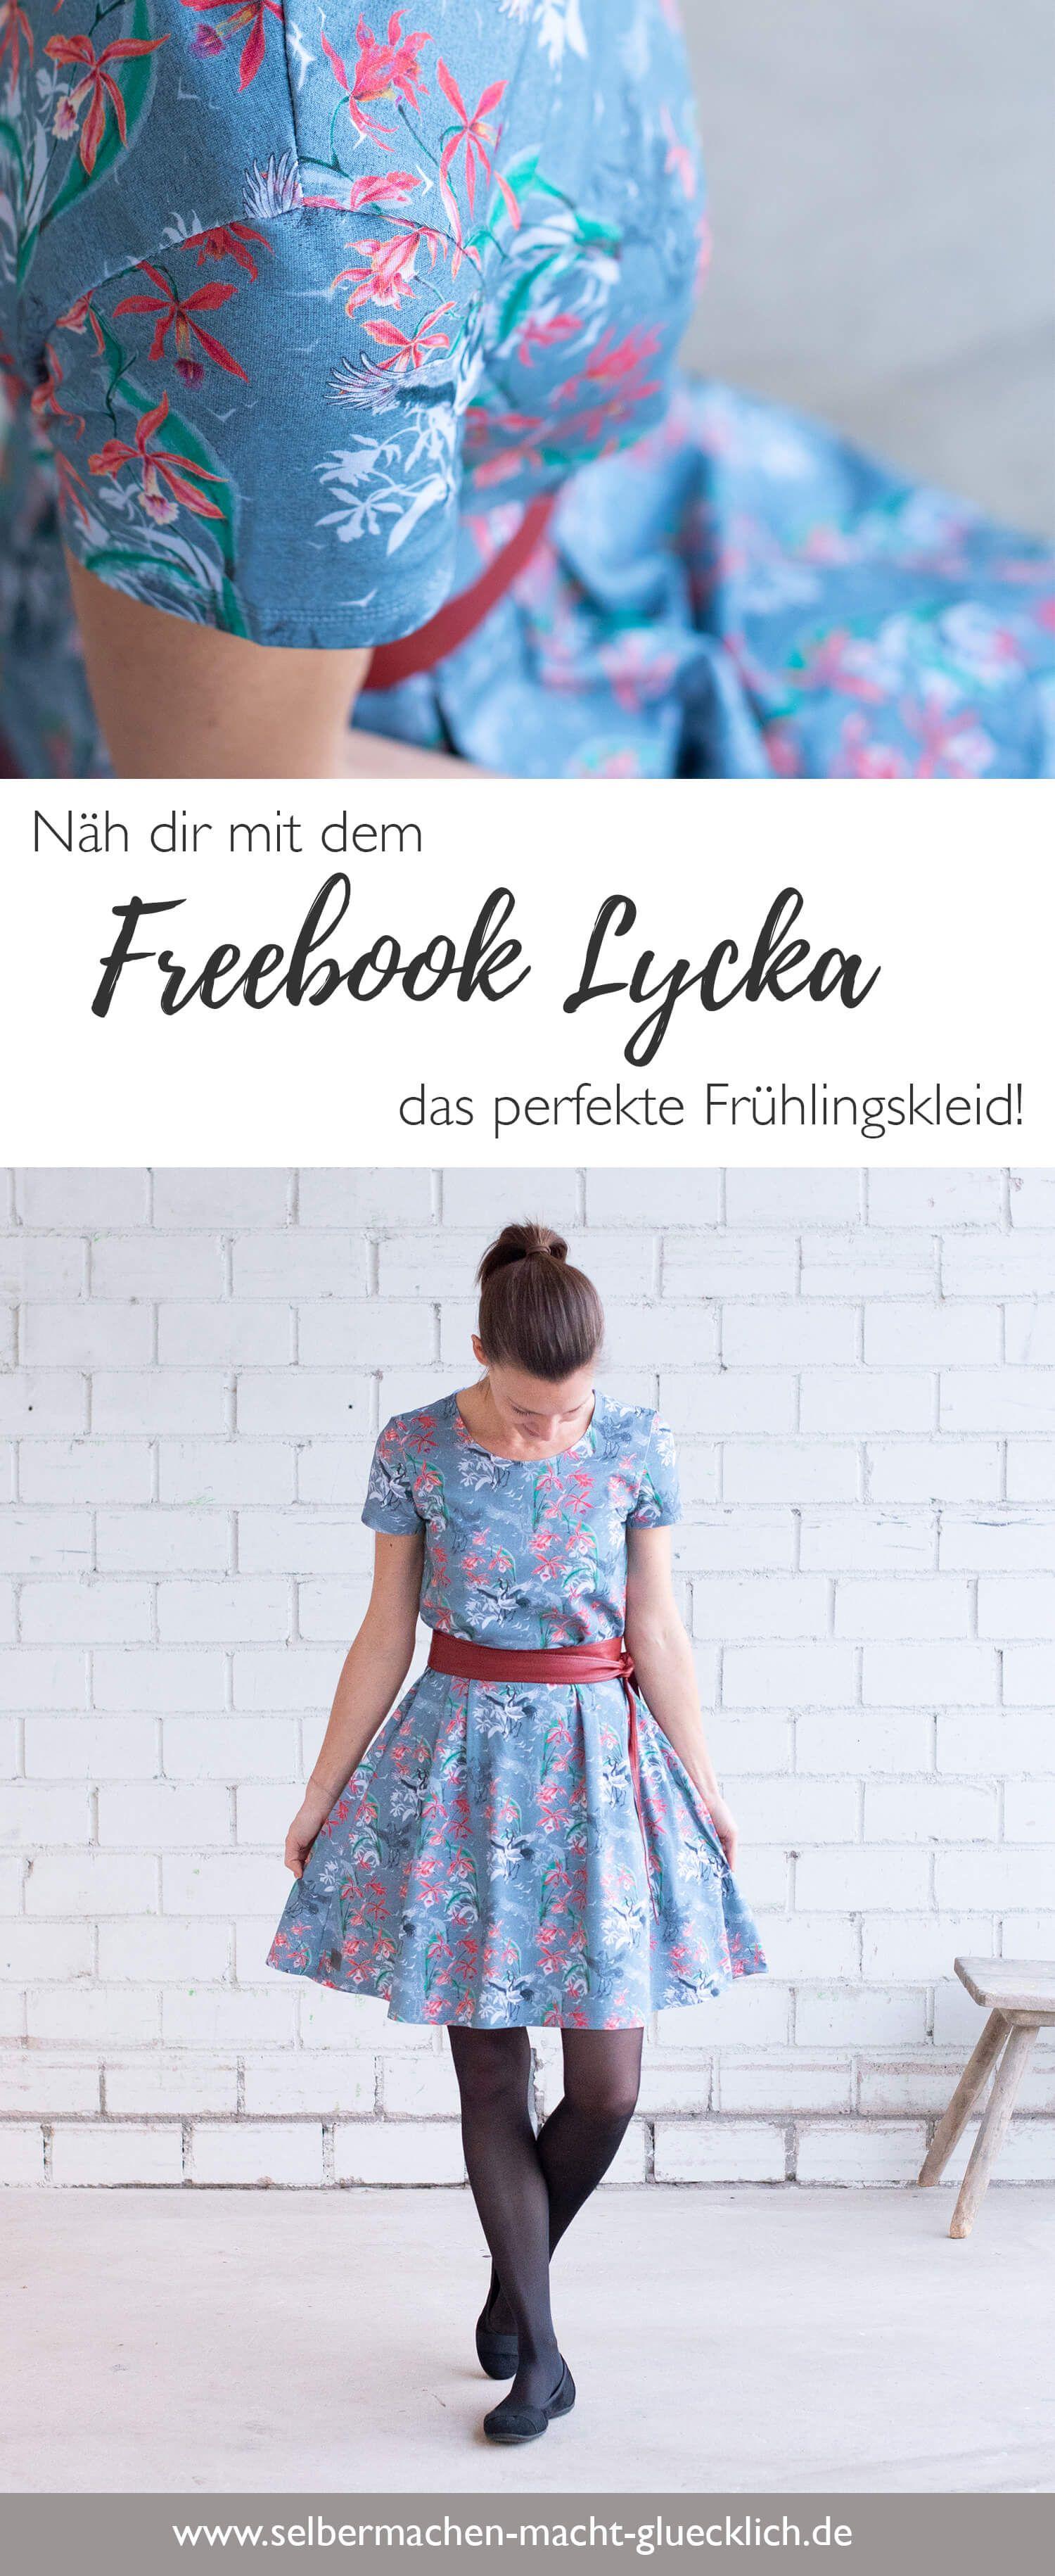 Photo of Freebook Lycka für das perfekte Frühlingskleid!